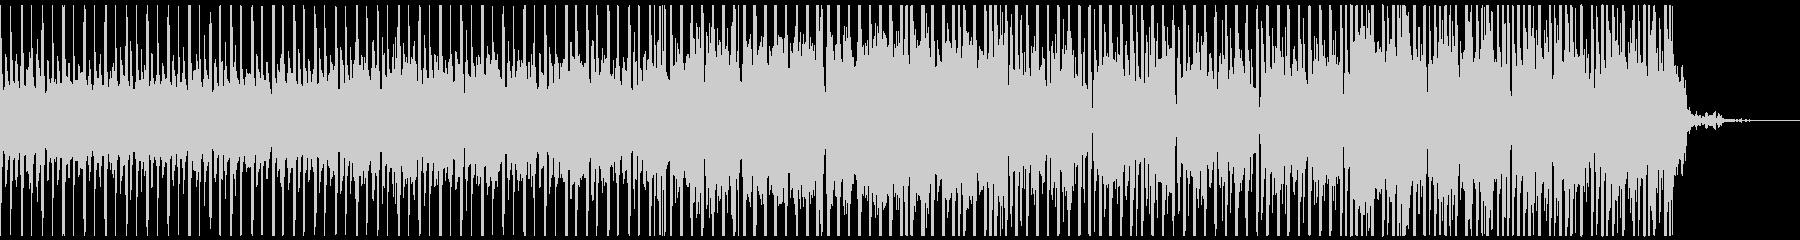 オシャレ系CM、スタイリッシュBGMの未再生の波形